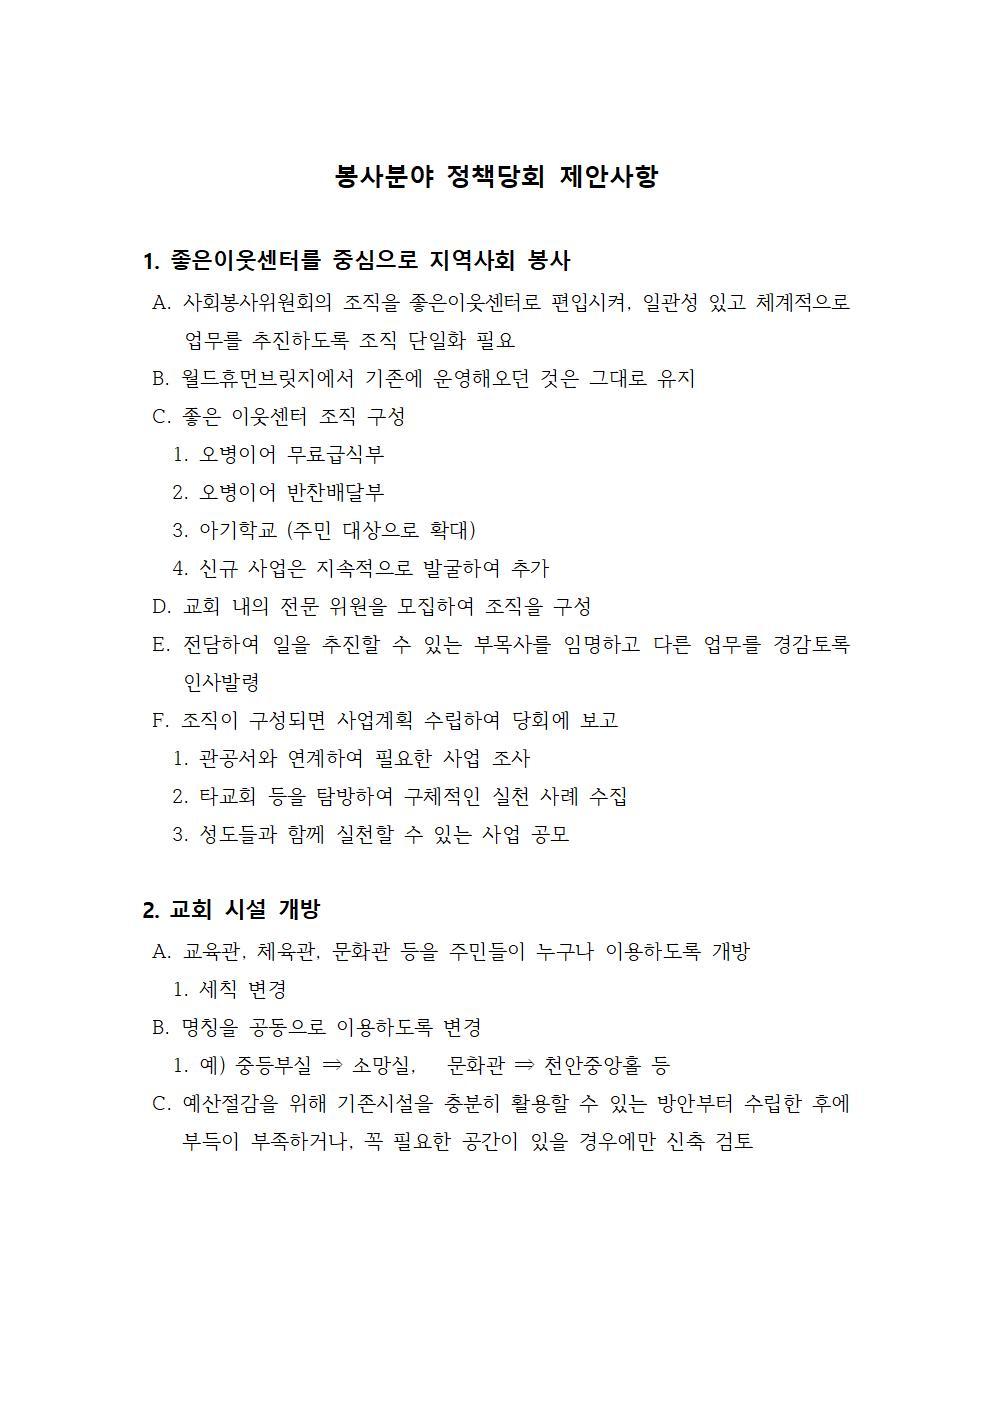 2019 봉사분야 정책당회 제안사항001.jpg